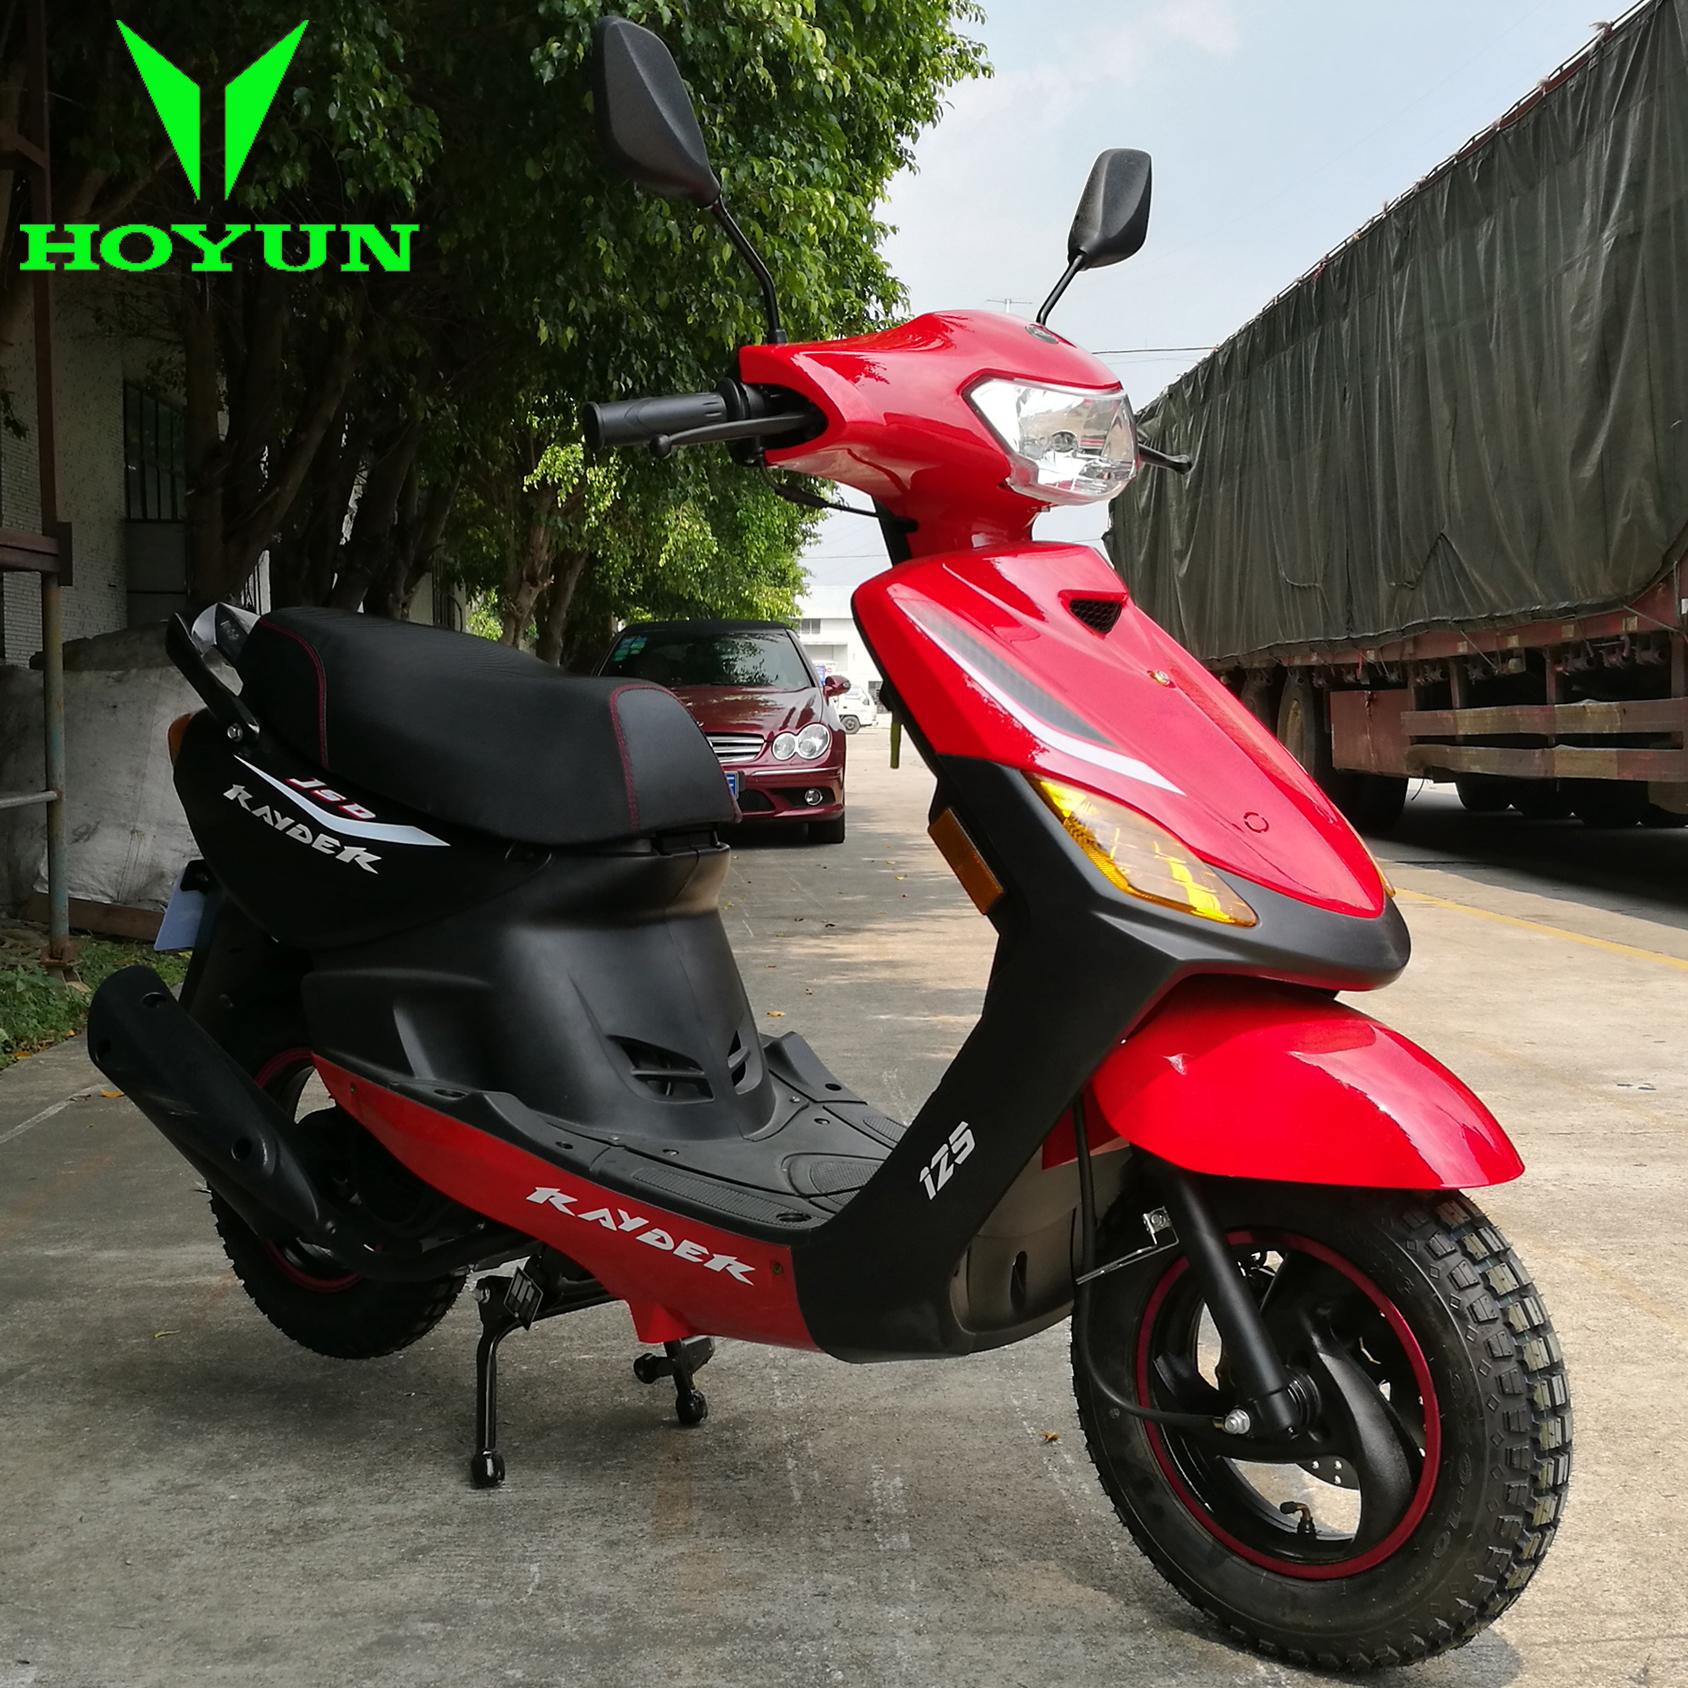 China Engine Motorcycles Yamaha, China Engine Motorcycles Yamaha